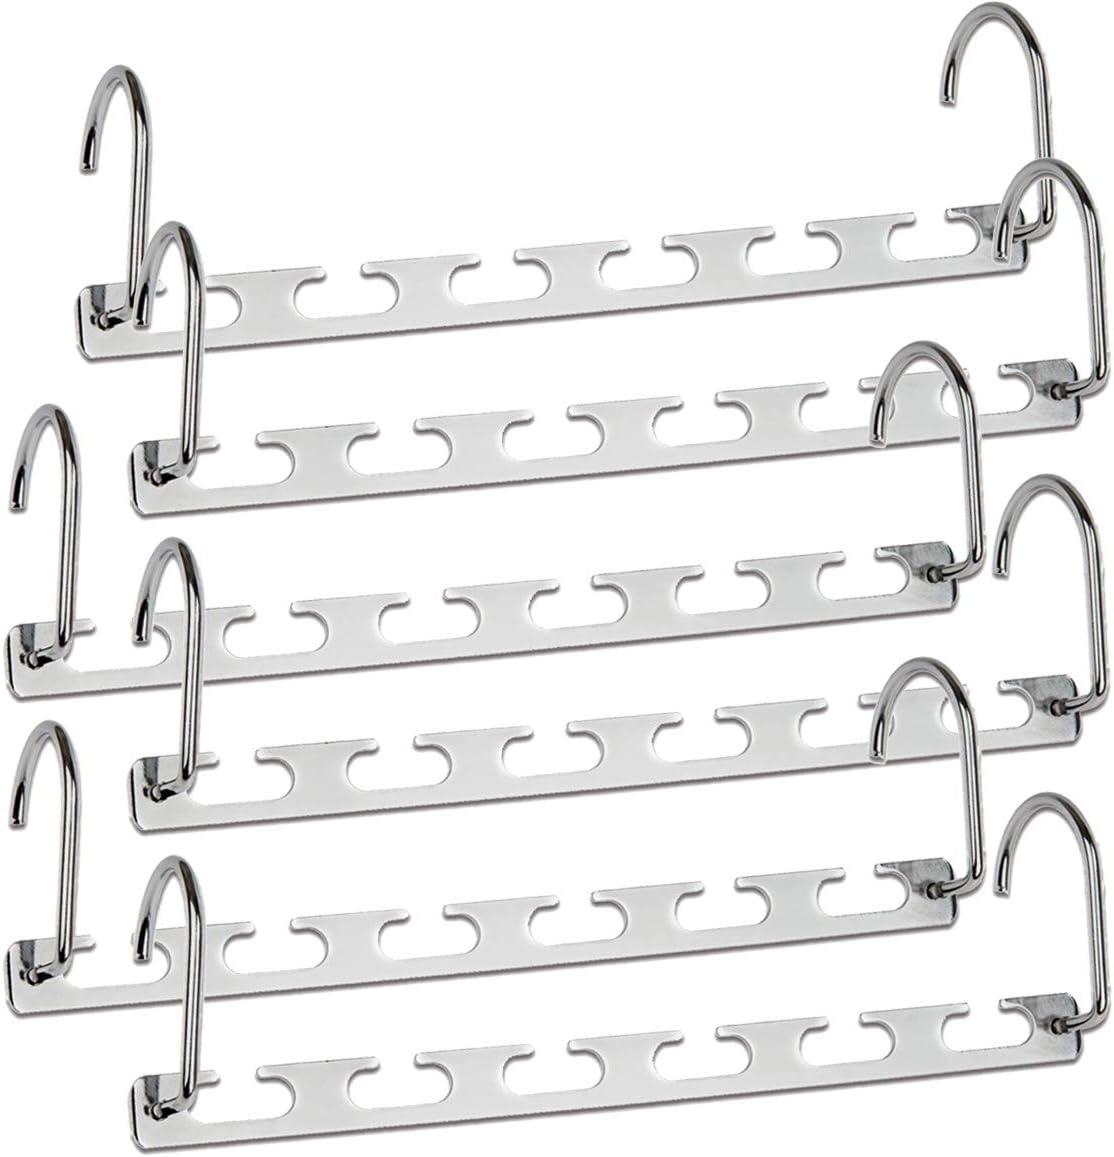 Pack of 6 DLOPK Hangers Metal Magic Hangers Space Saving Hangers Closet Space Saving Wardrobe Clothing Hanger Organizer